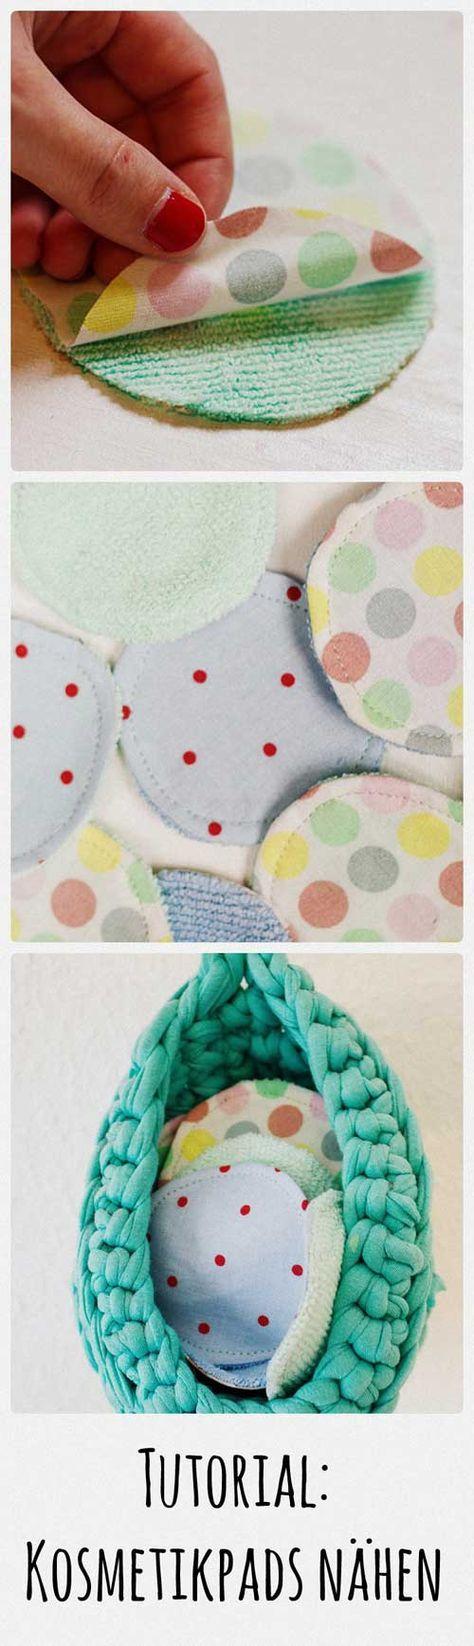 Nachhaltiges Nähen: waschbare Abschminkpads – Tutorial (Eda Lindgren) #sewins